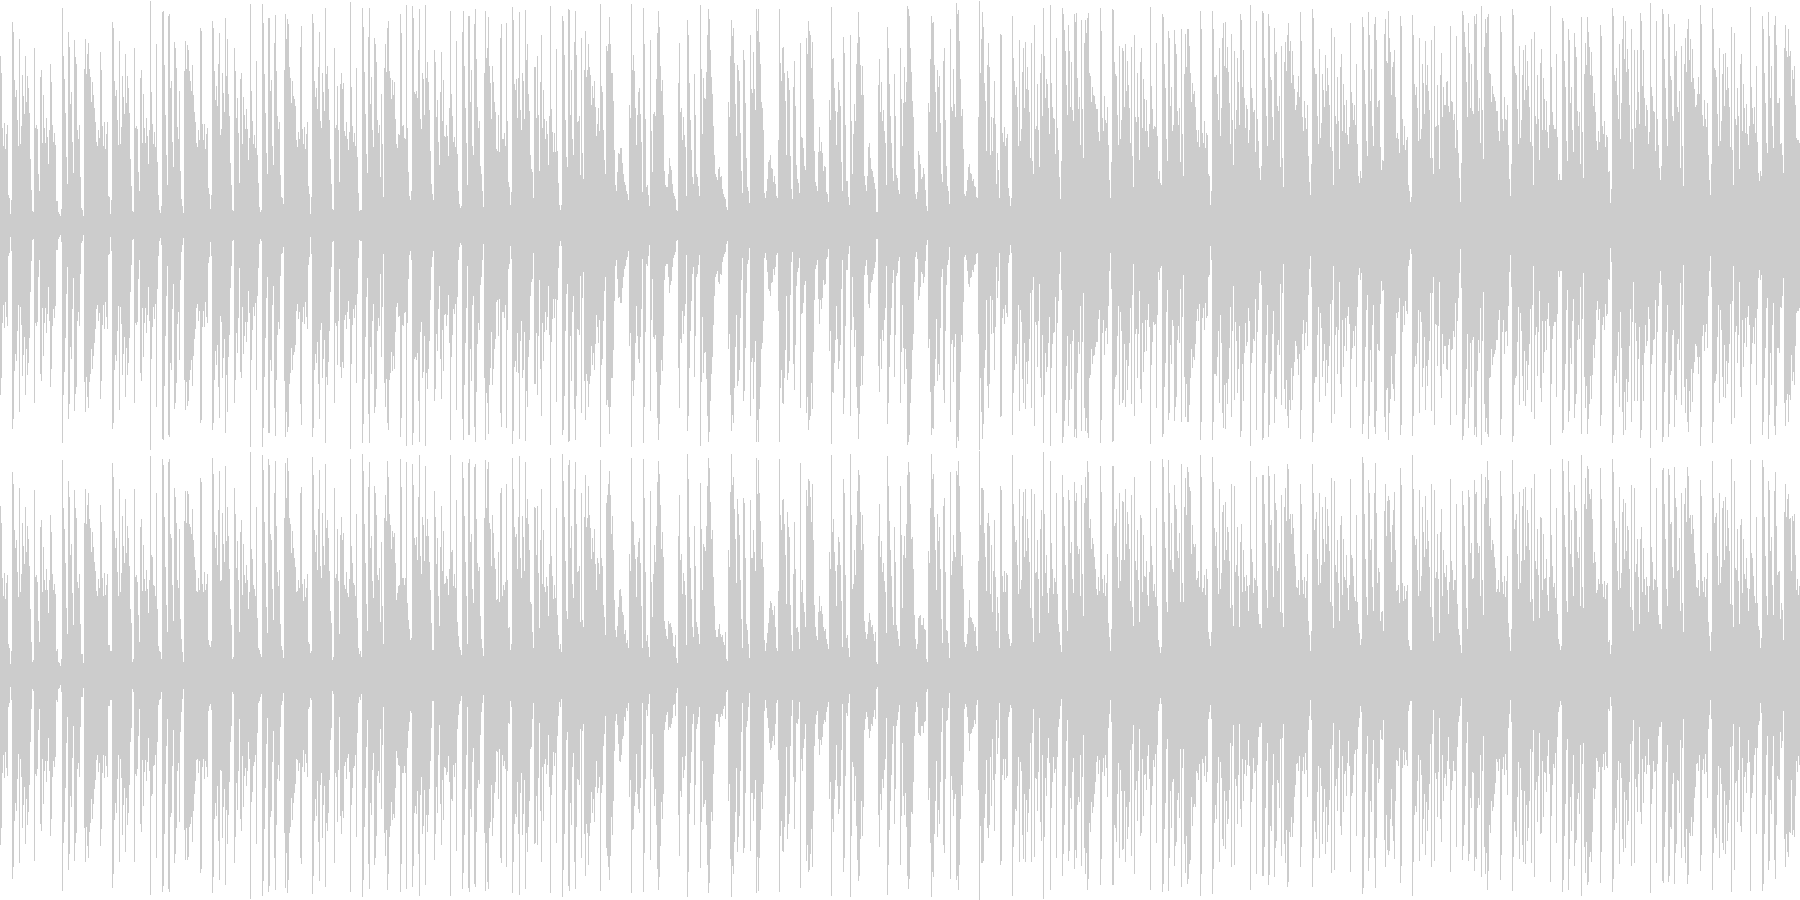 インパクトあるベースから始まるオシャレ曲の未再生の波形